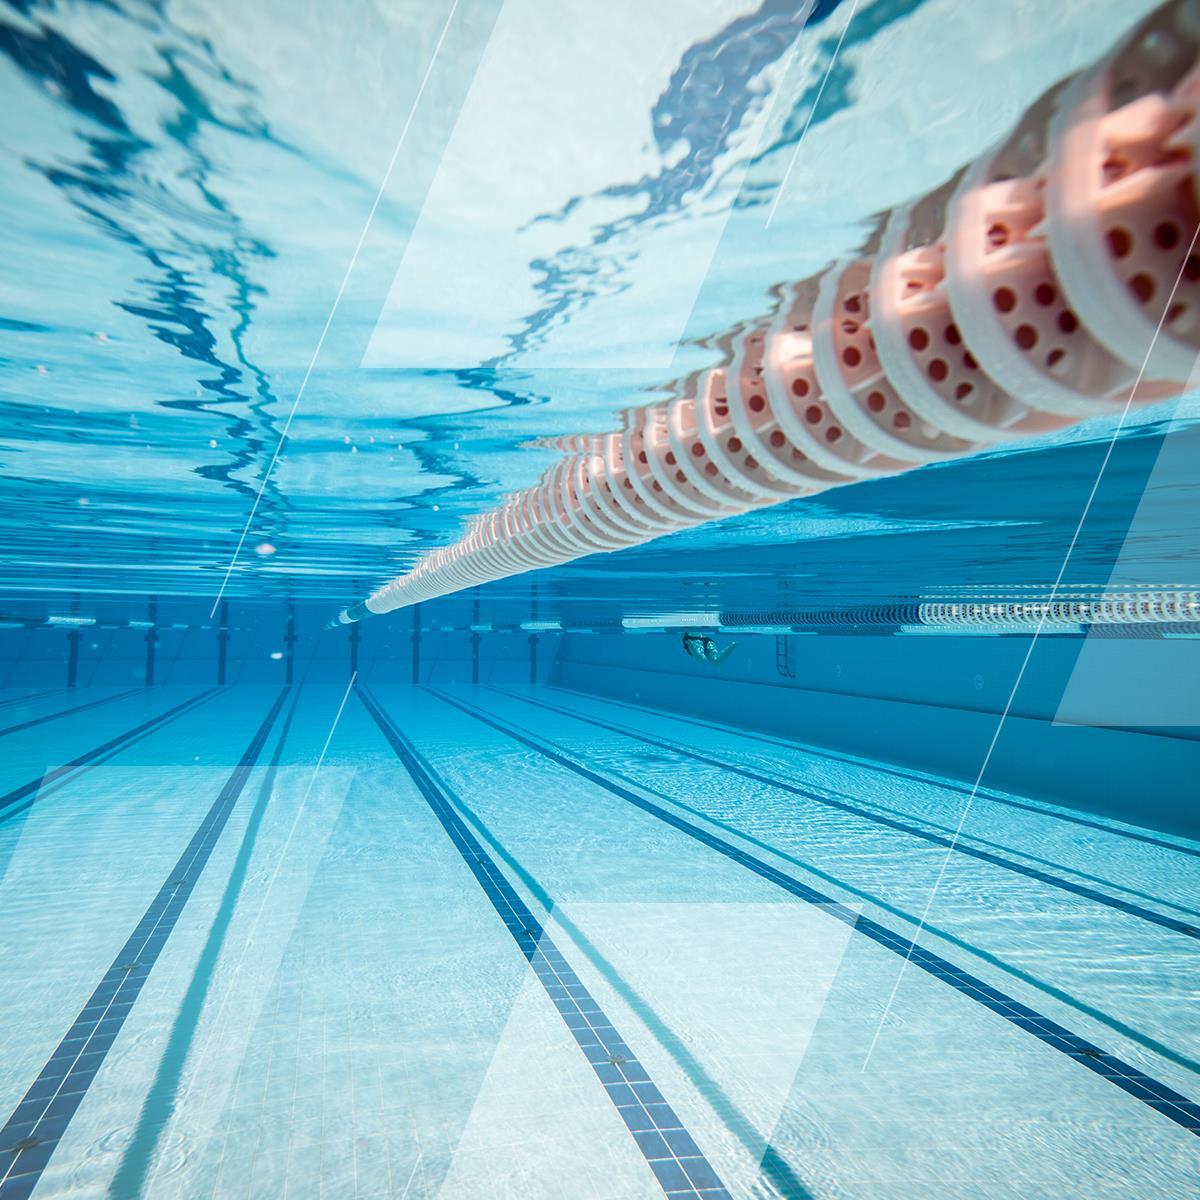 דר' רובי שלו - מנהל מקצועי לאיגוד השחייה בישראל